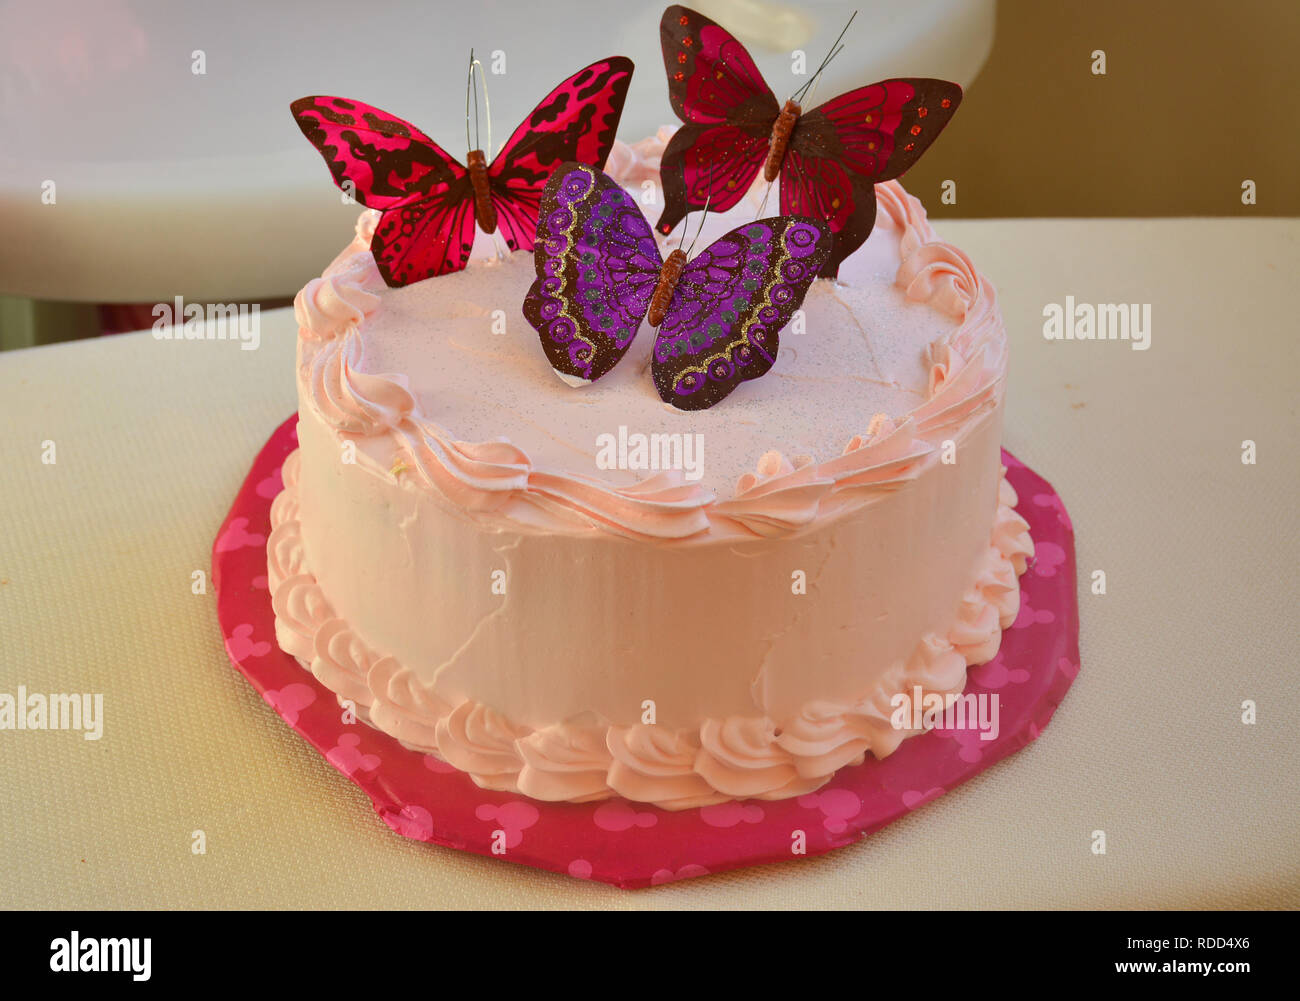 Bunt Verzierten Kuchen Mit Sussen Schmetterlingen Geburtstagskuchen Stockbild